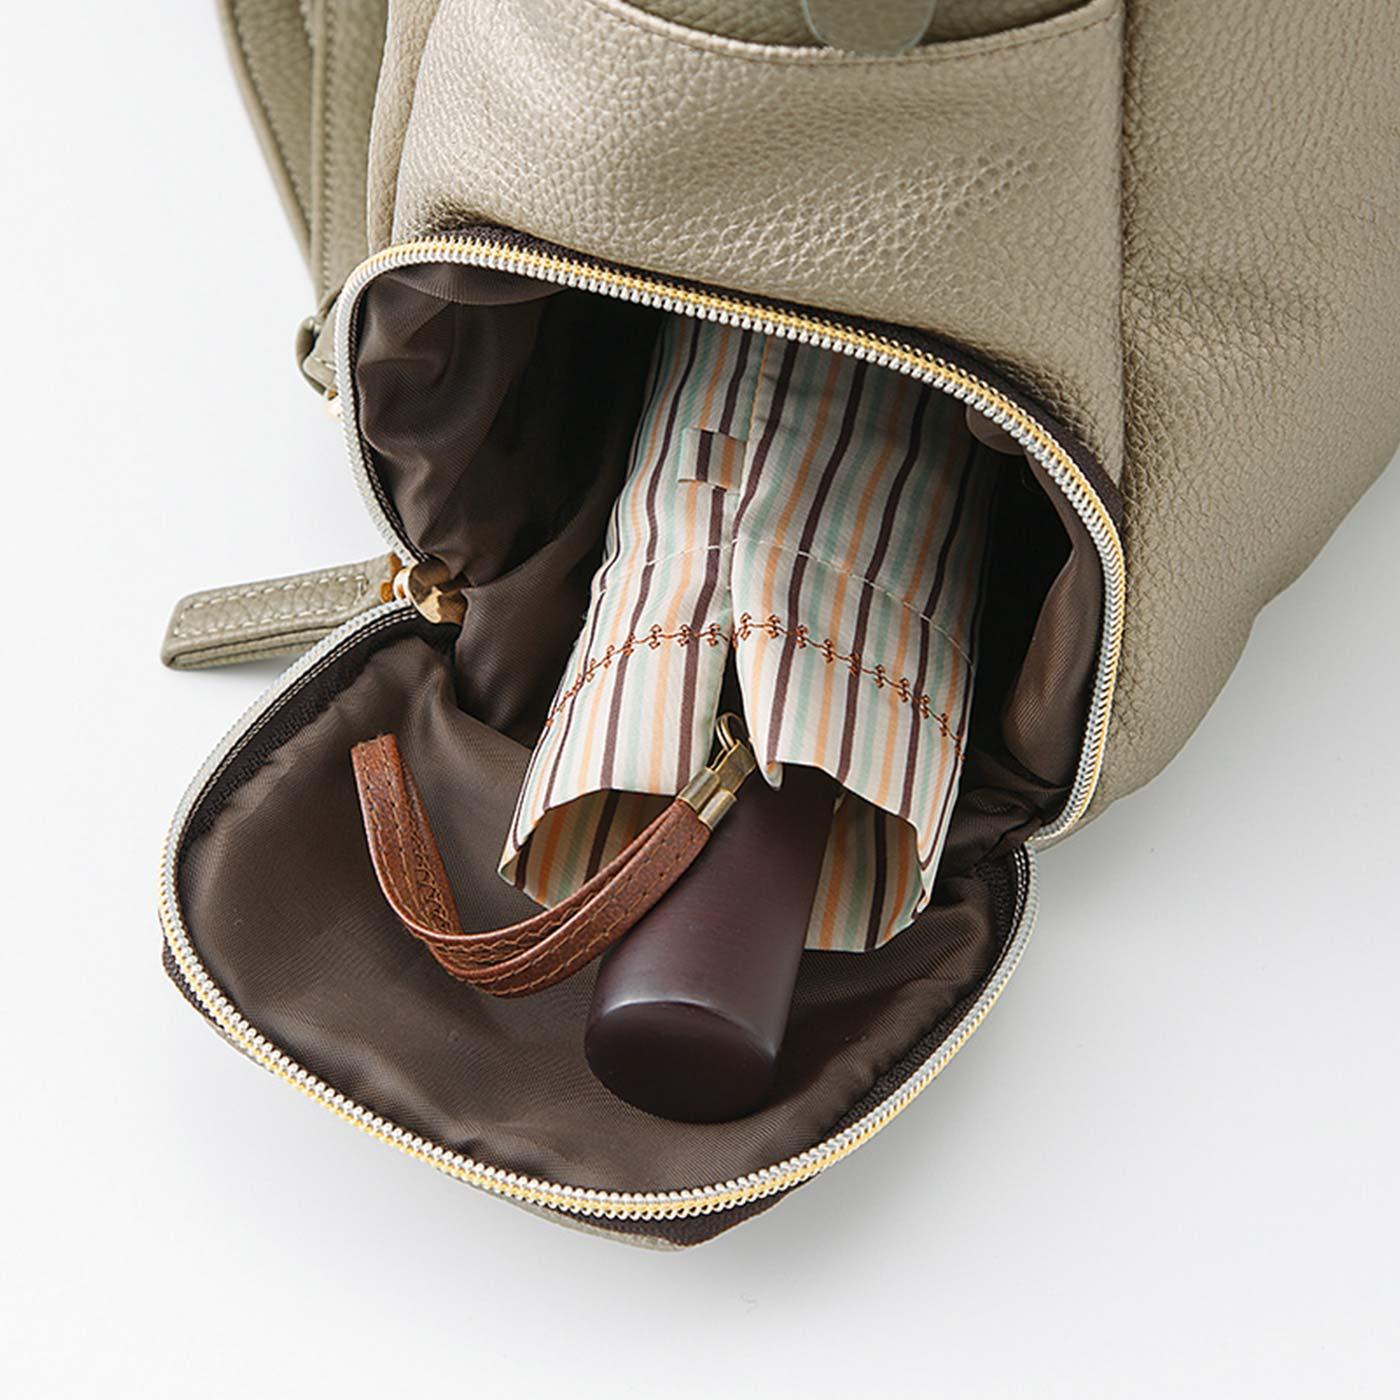 上ばきや折りたたみ傘、お弁当など、分けて入れておきたいものは、底面ファスナーポケットに。